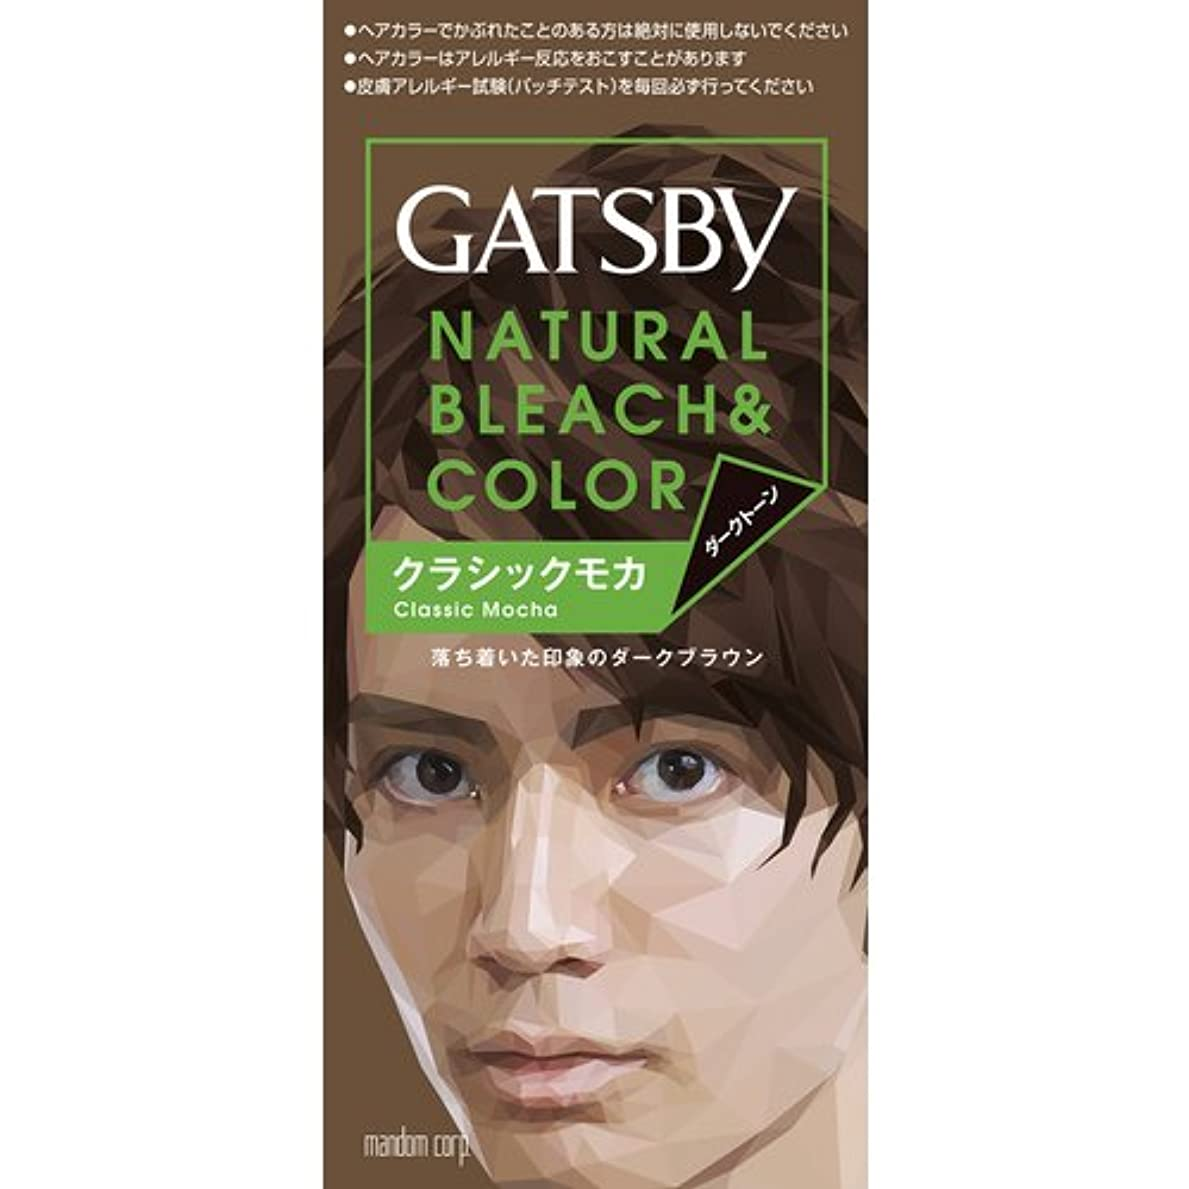 グローバル設置ハウスギャツビー(GATSBY) ナチュラルブリーチカラー クラシックモカ 35g+70ml [医薬部外品]